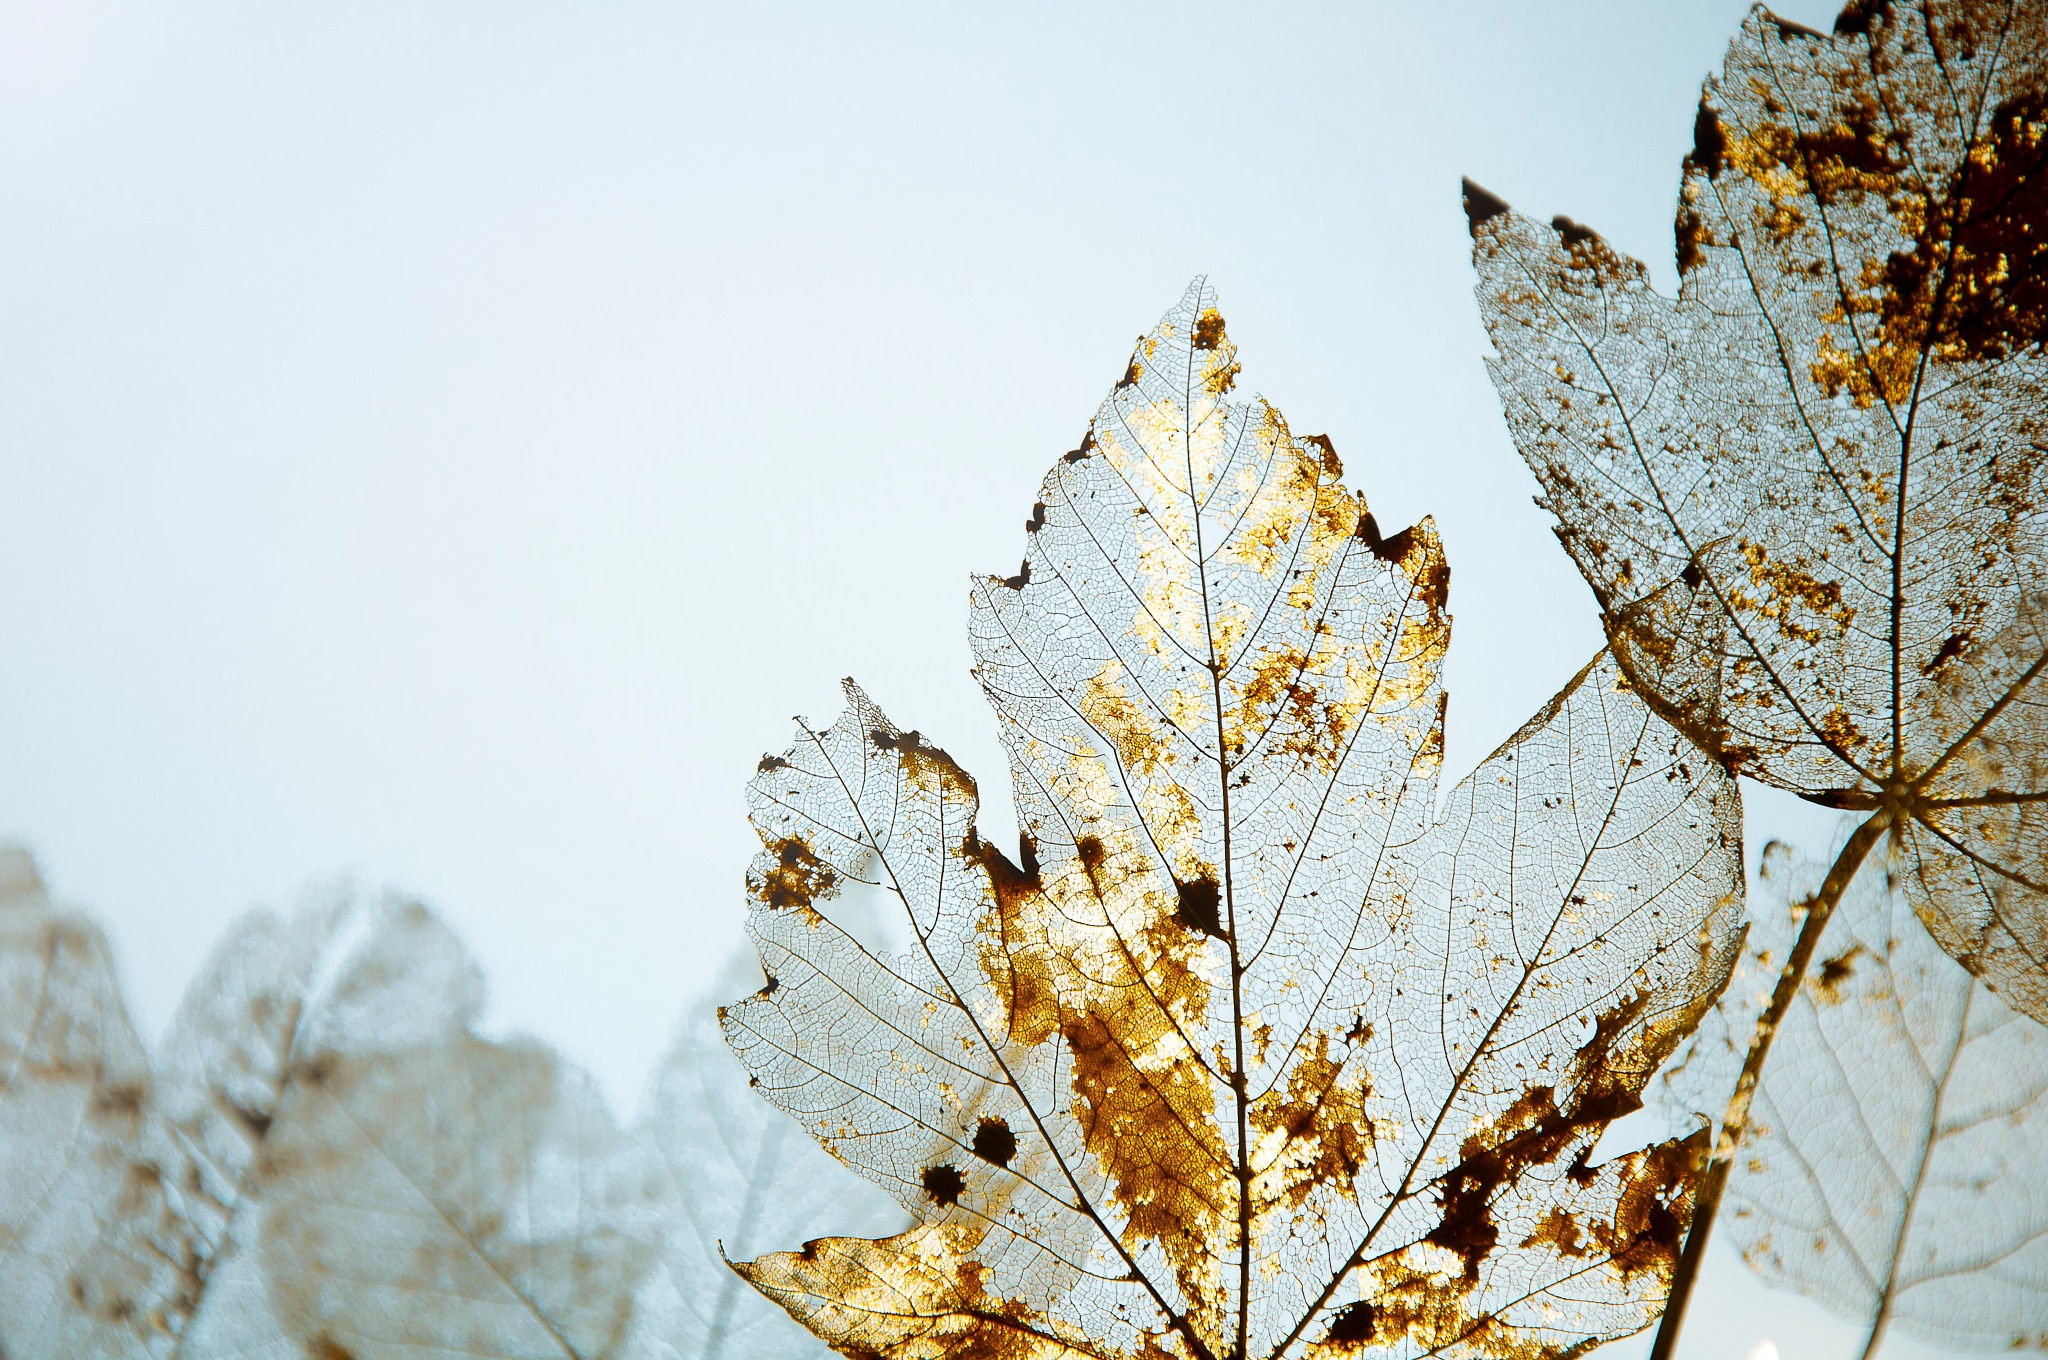 Golden leaf by Sonja Pixels